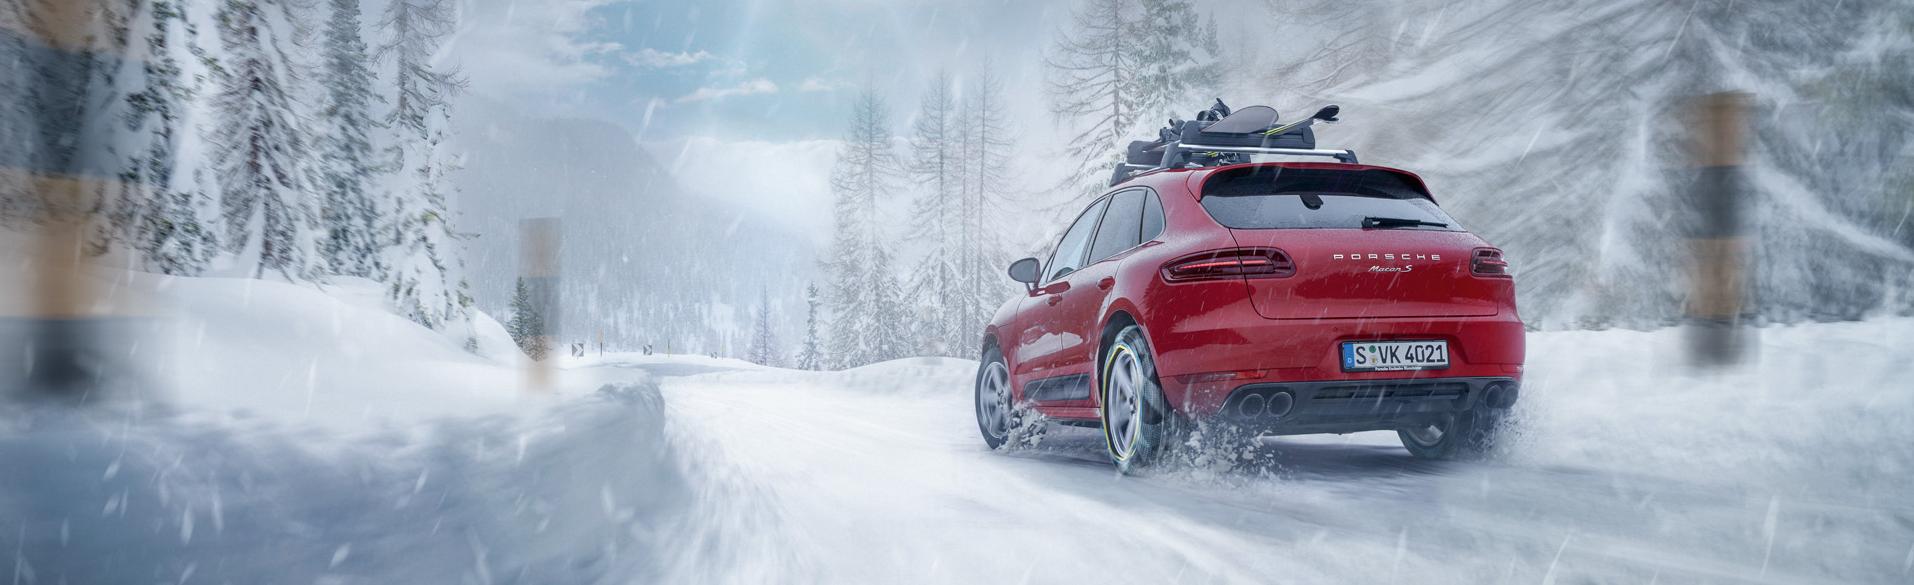 Porsche Driving in Snow